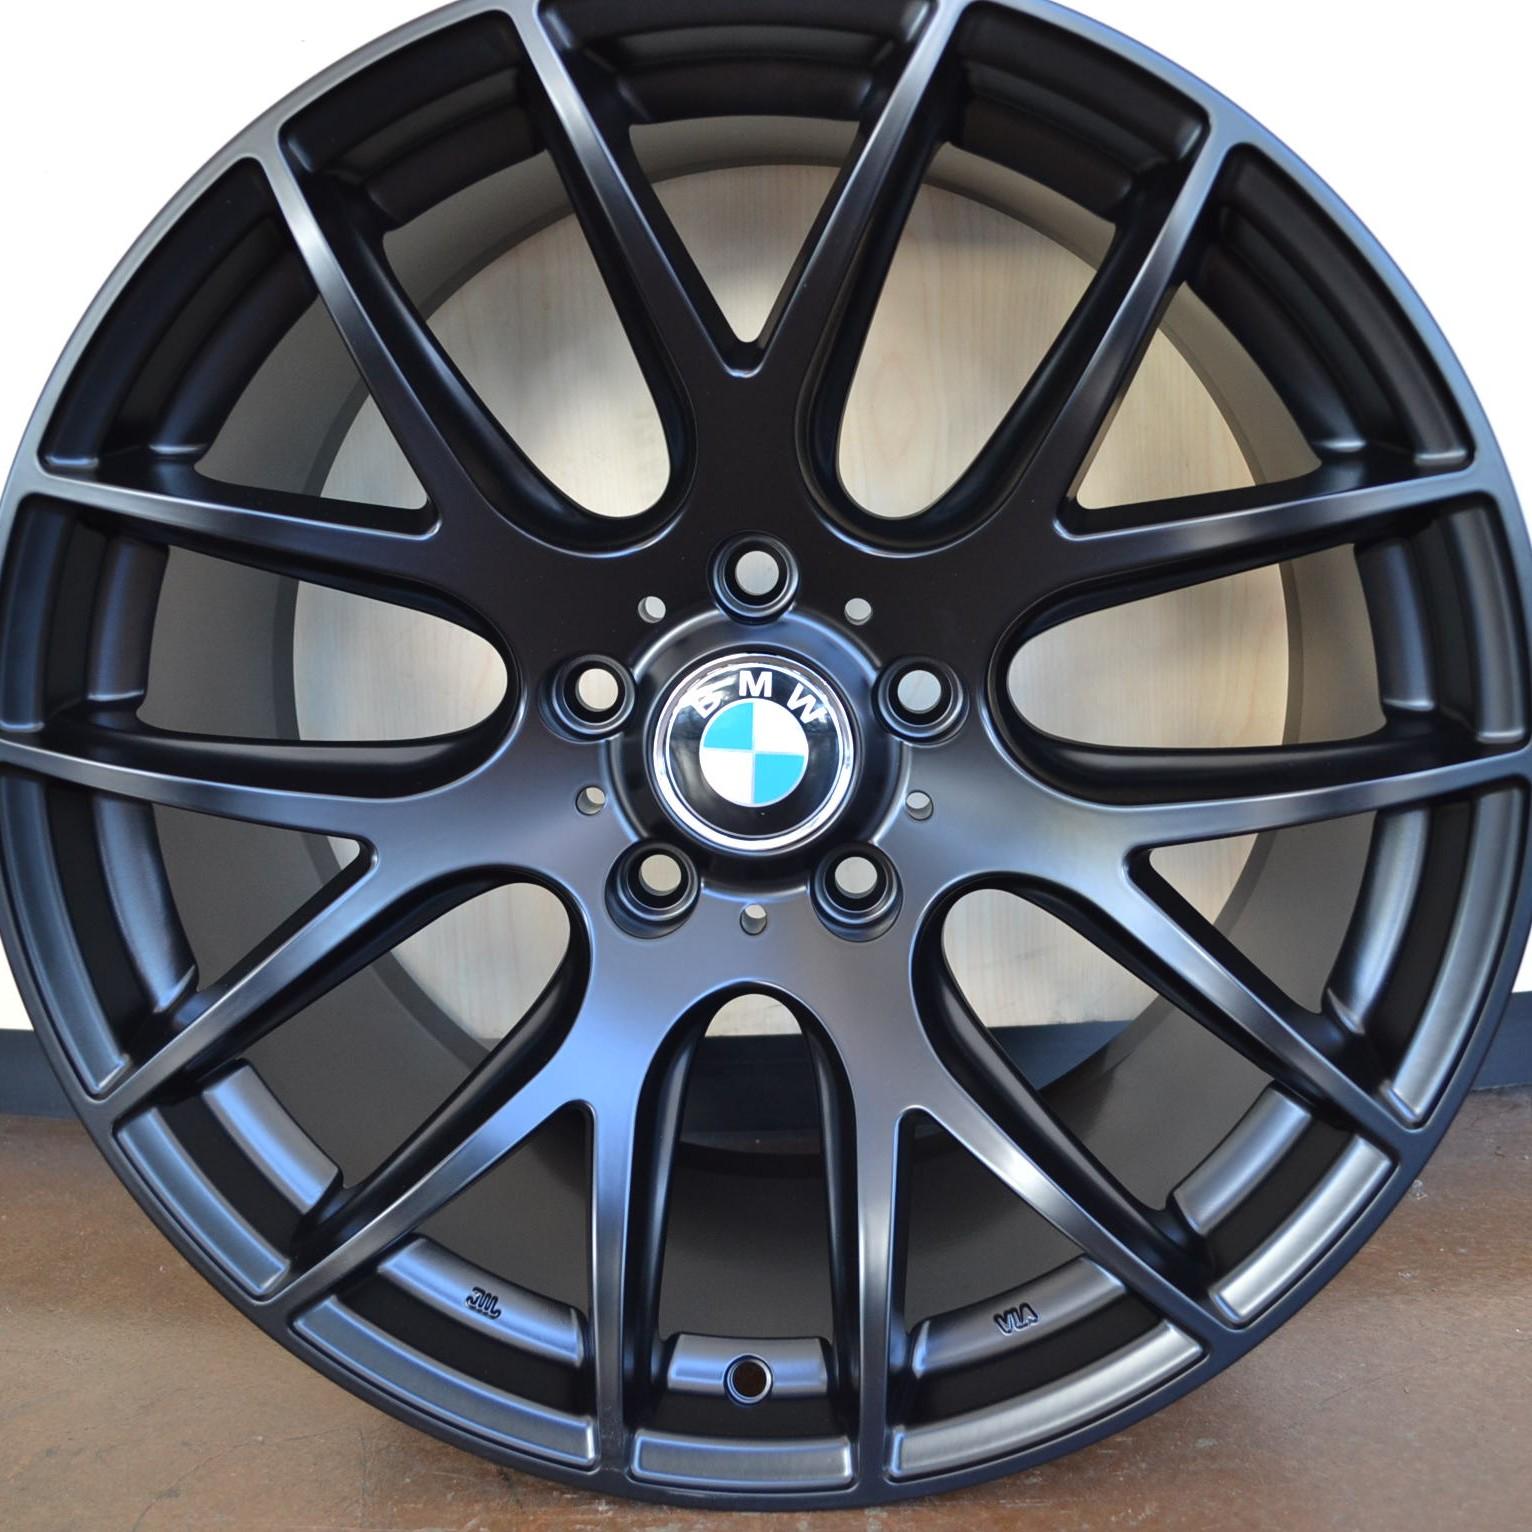 Bmw Wheels Rim 525i 528i 530i 535i 545i 550i Matte Black 19